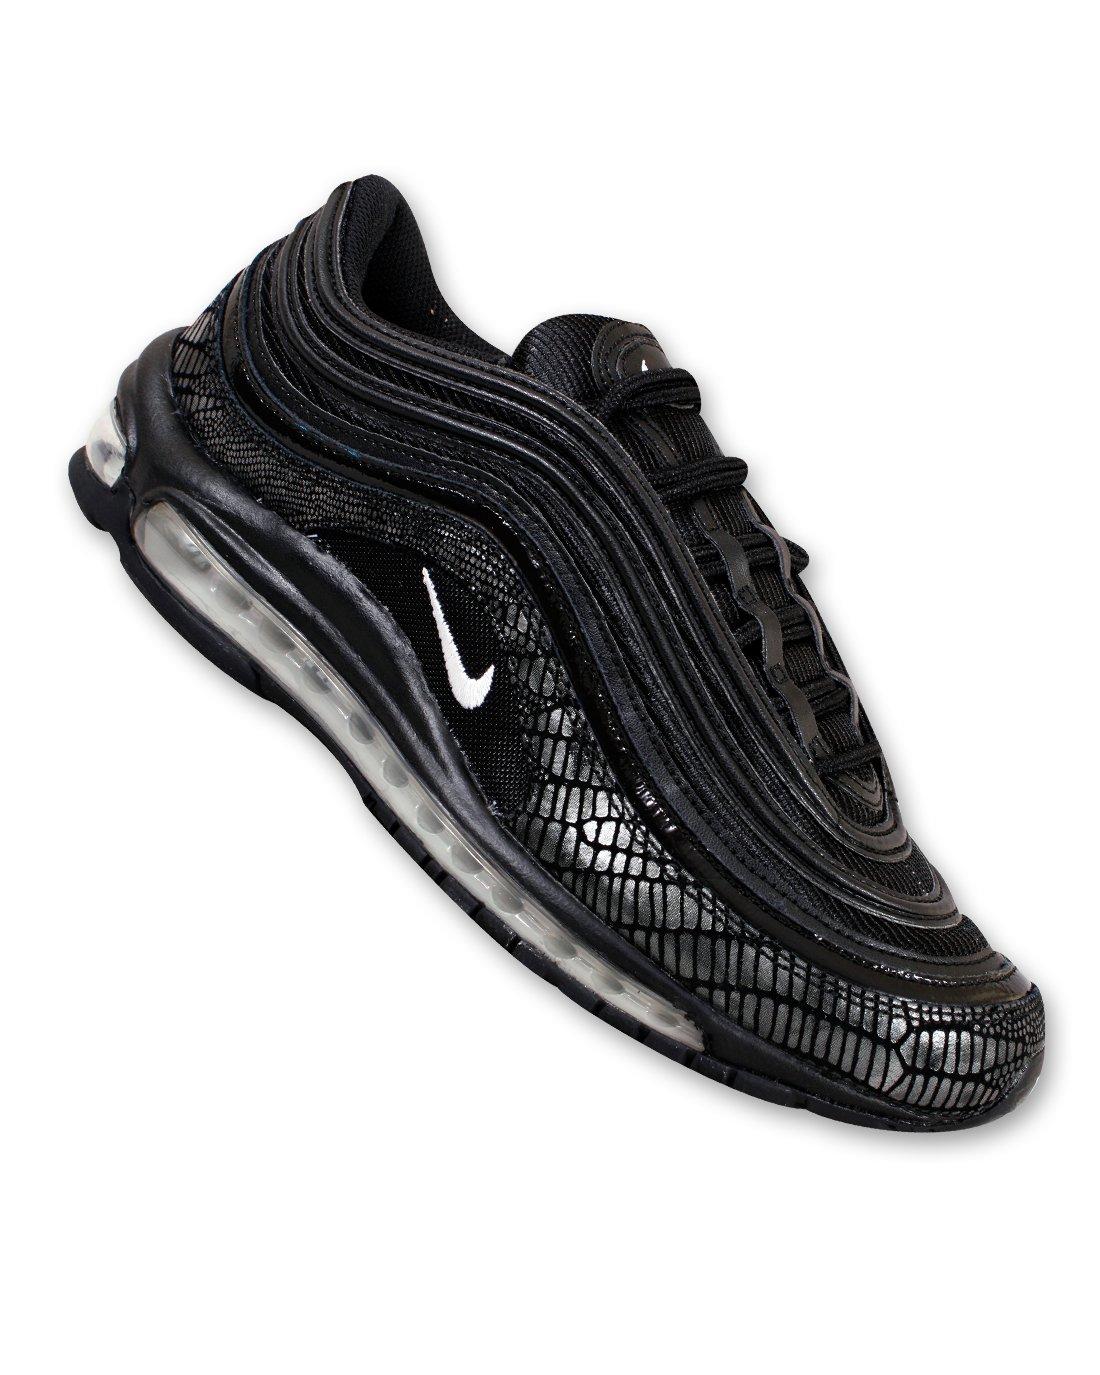 best value 77276 8b68b Nike Air Max 97, scarpa uomo gym, nero, Taglia 44,5-10,5 Amazon.it Sport  e tempo libero